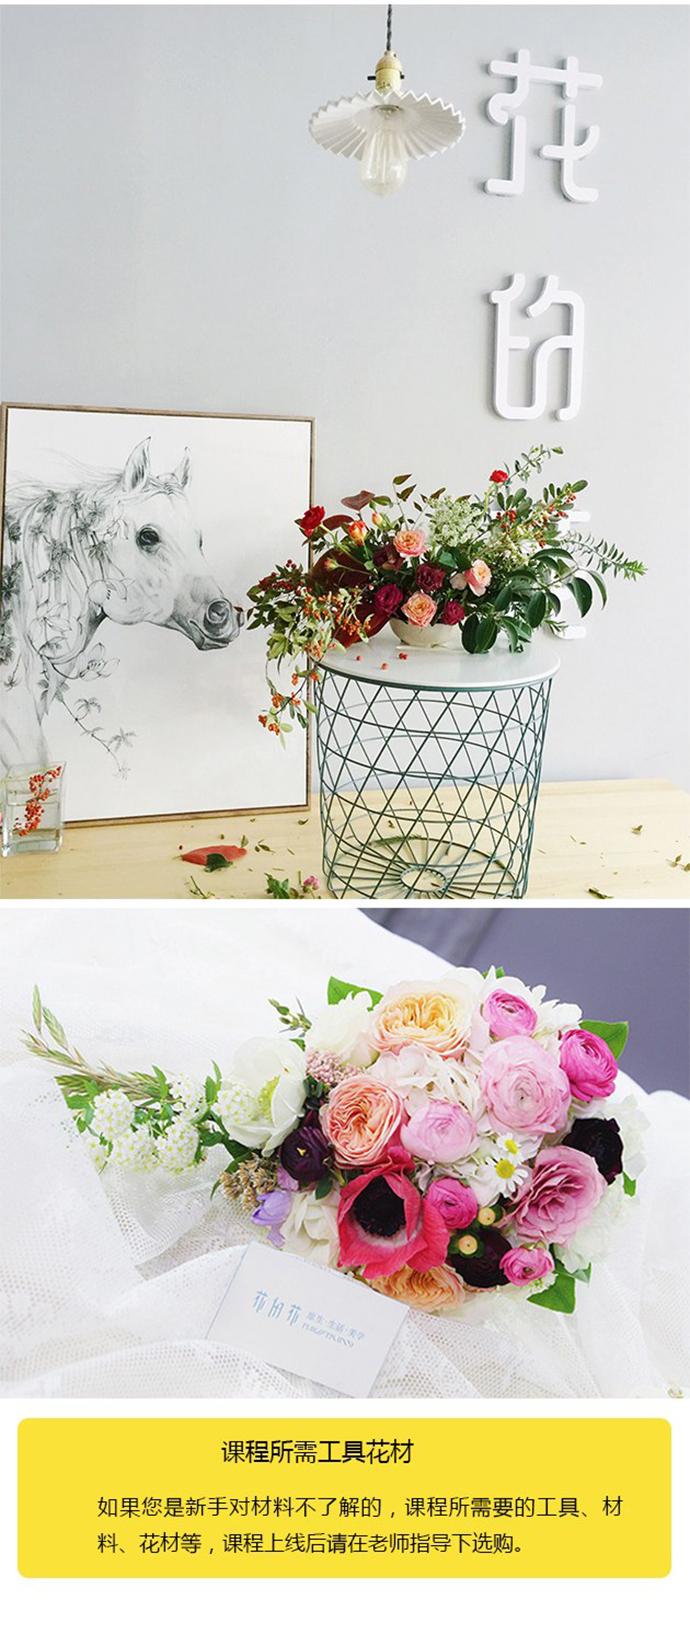 礼品和家居自然花艺设计